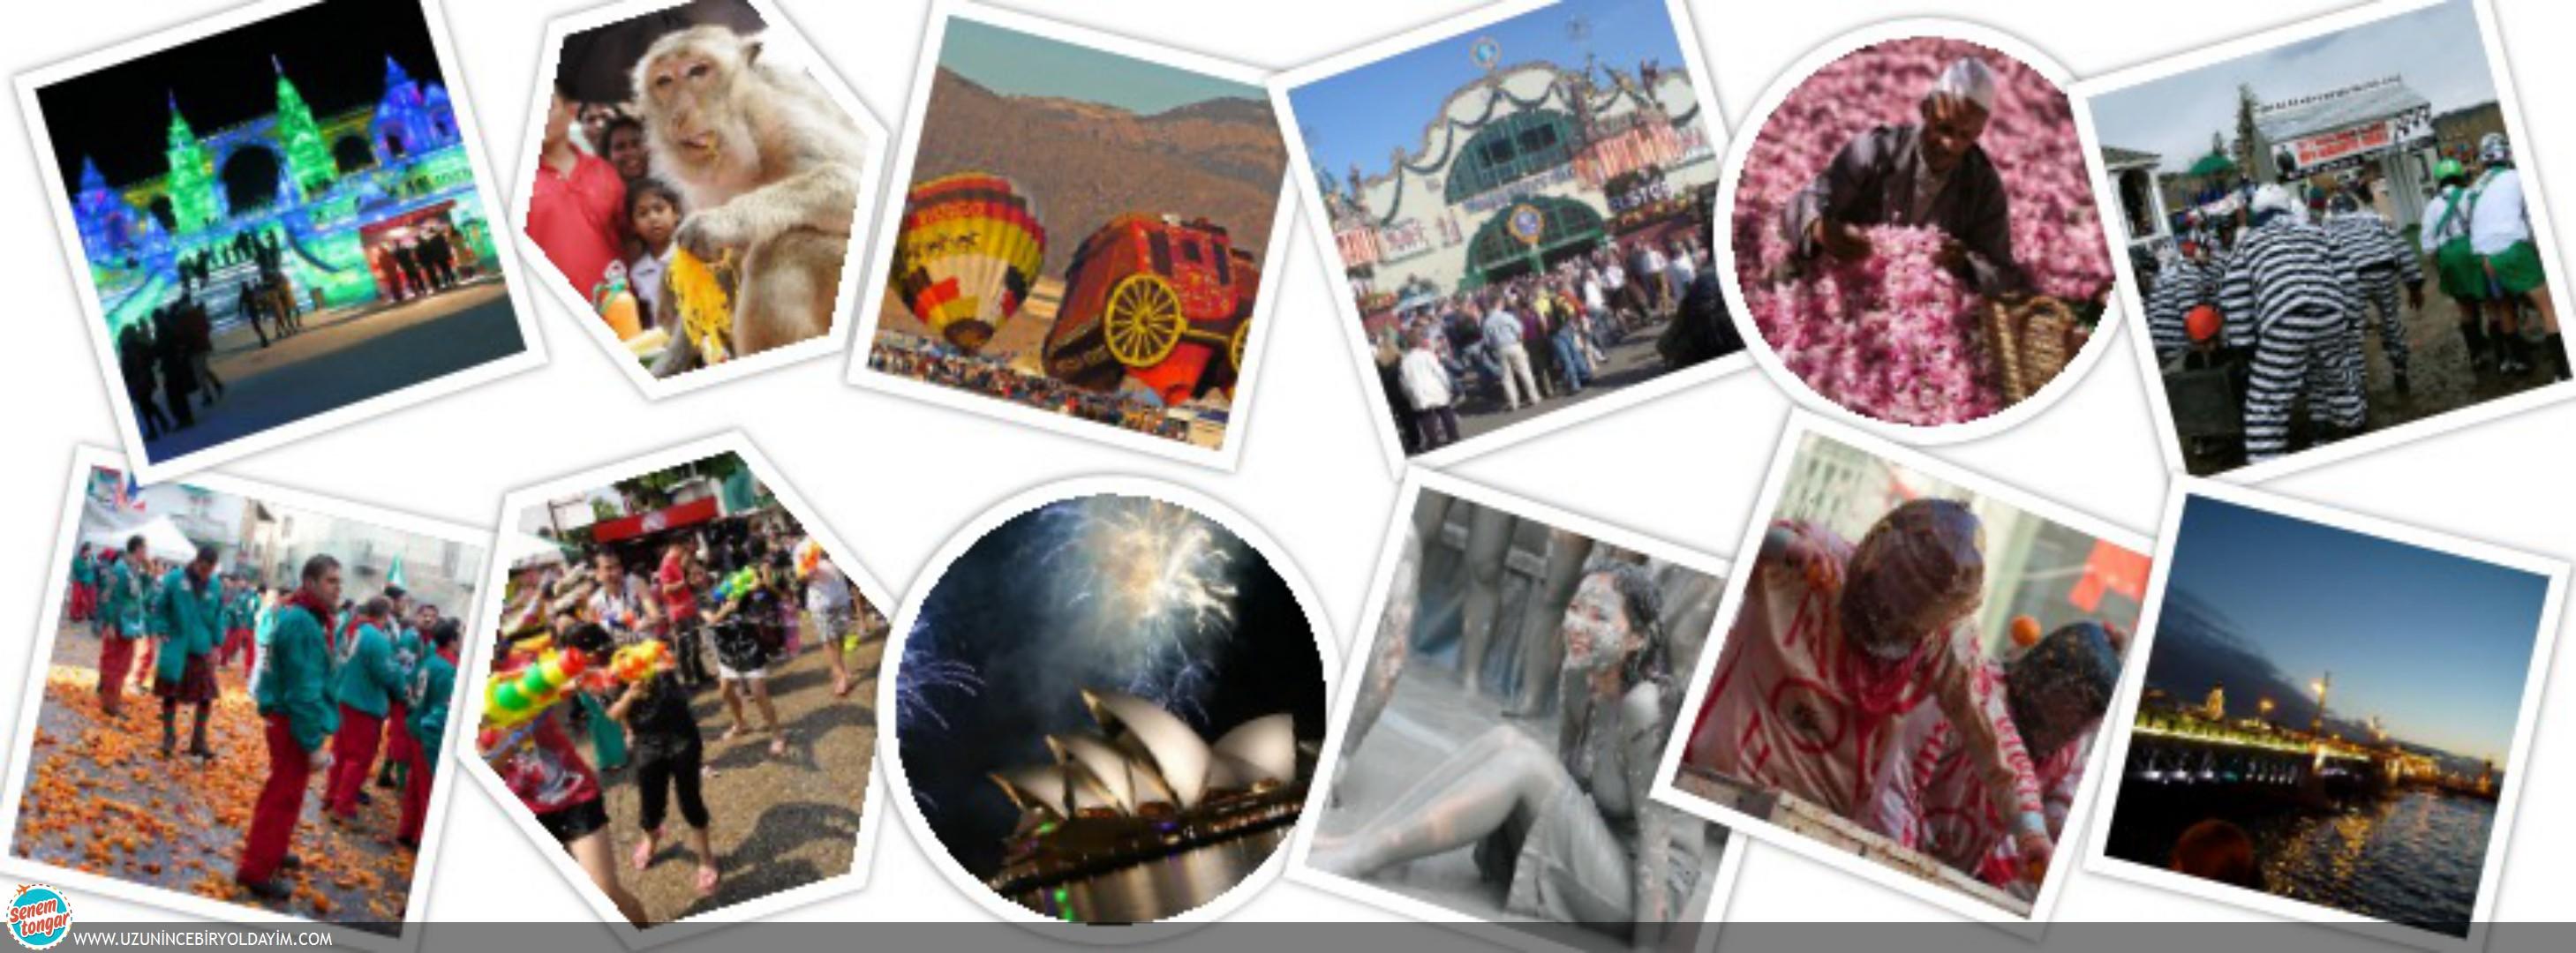 Festivaller